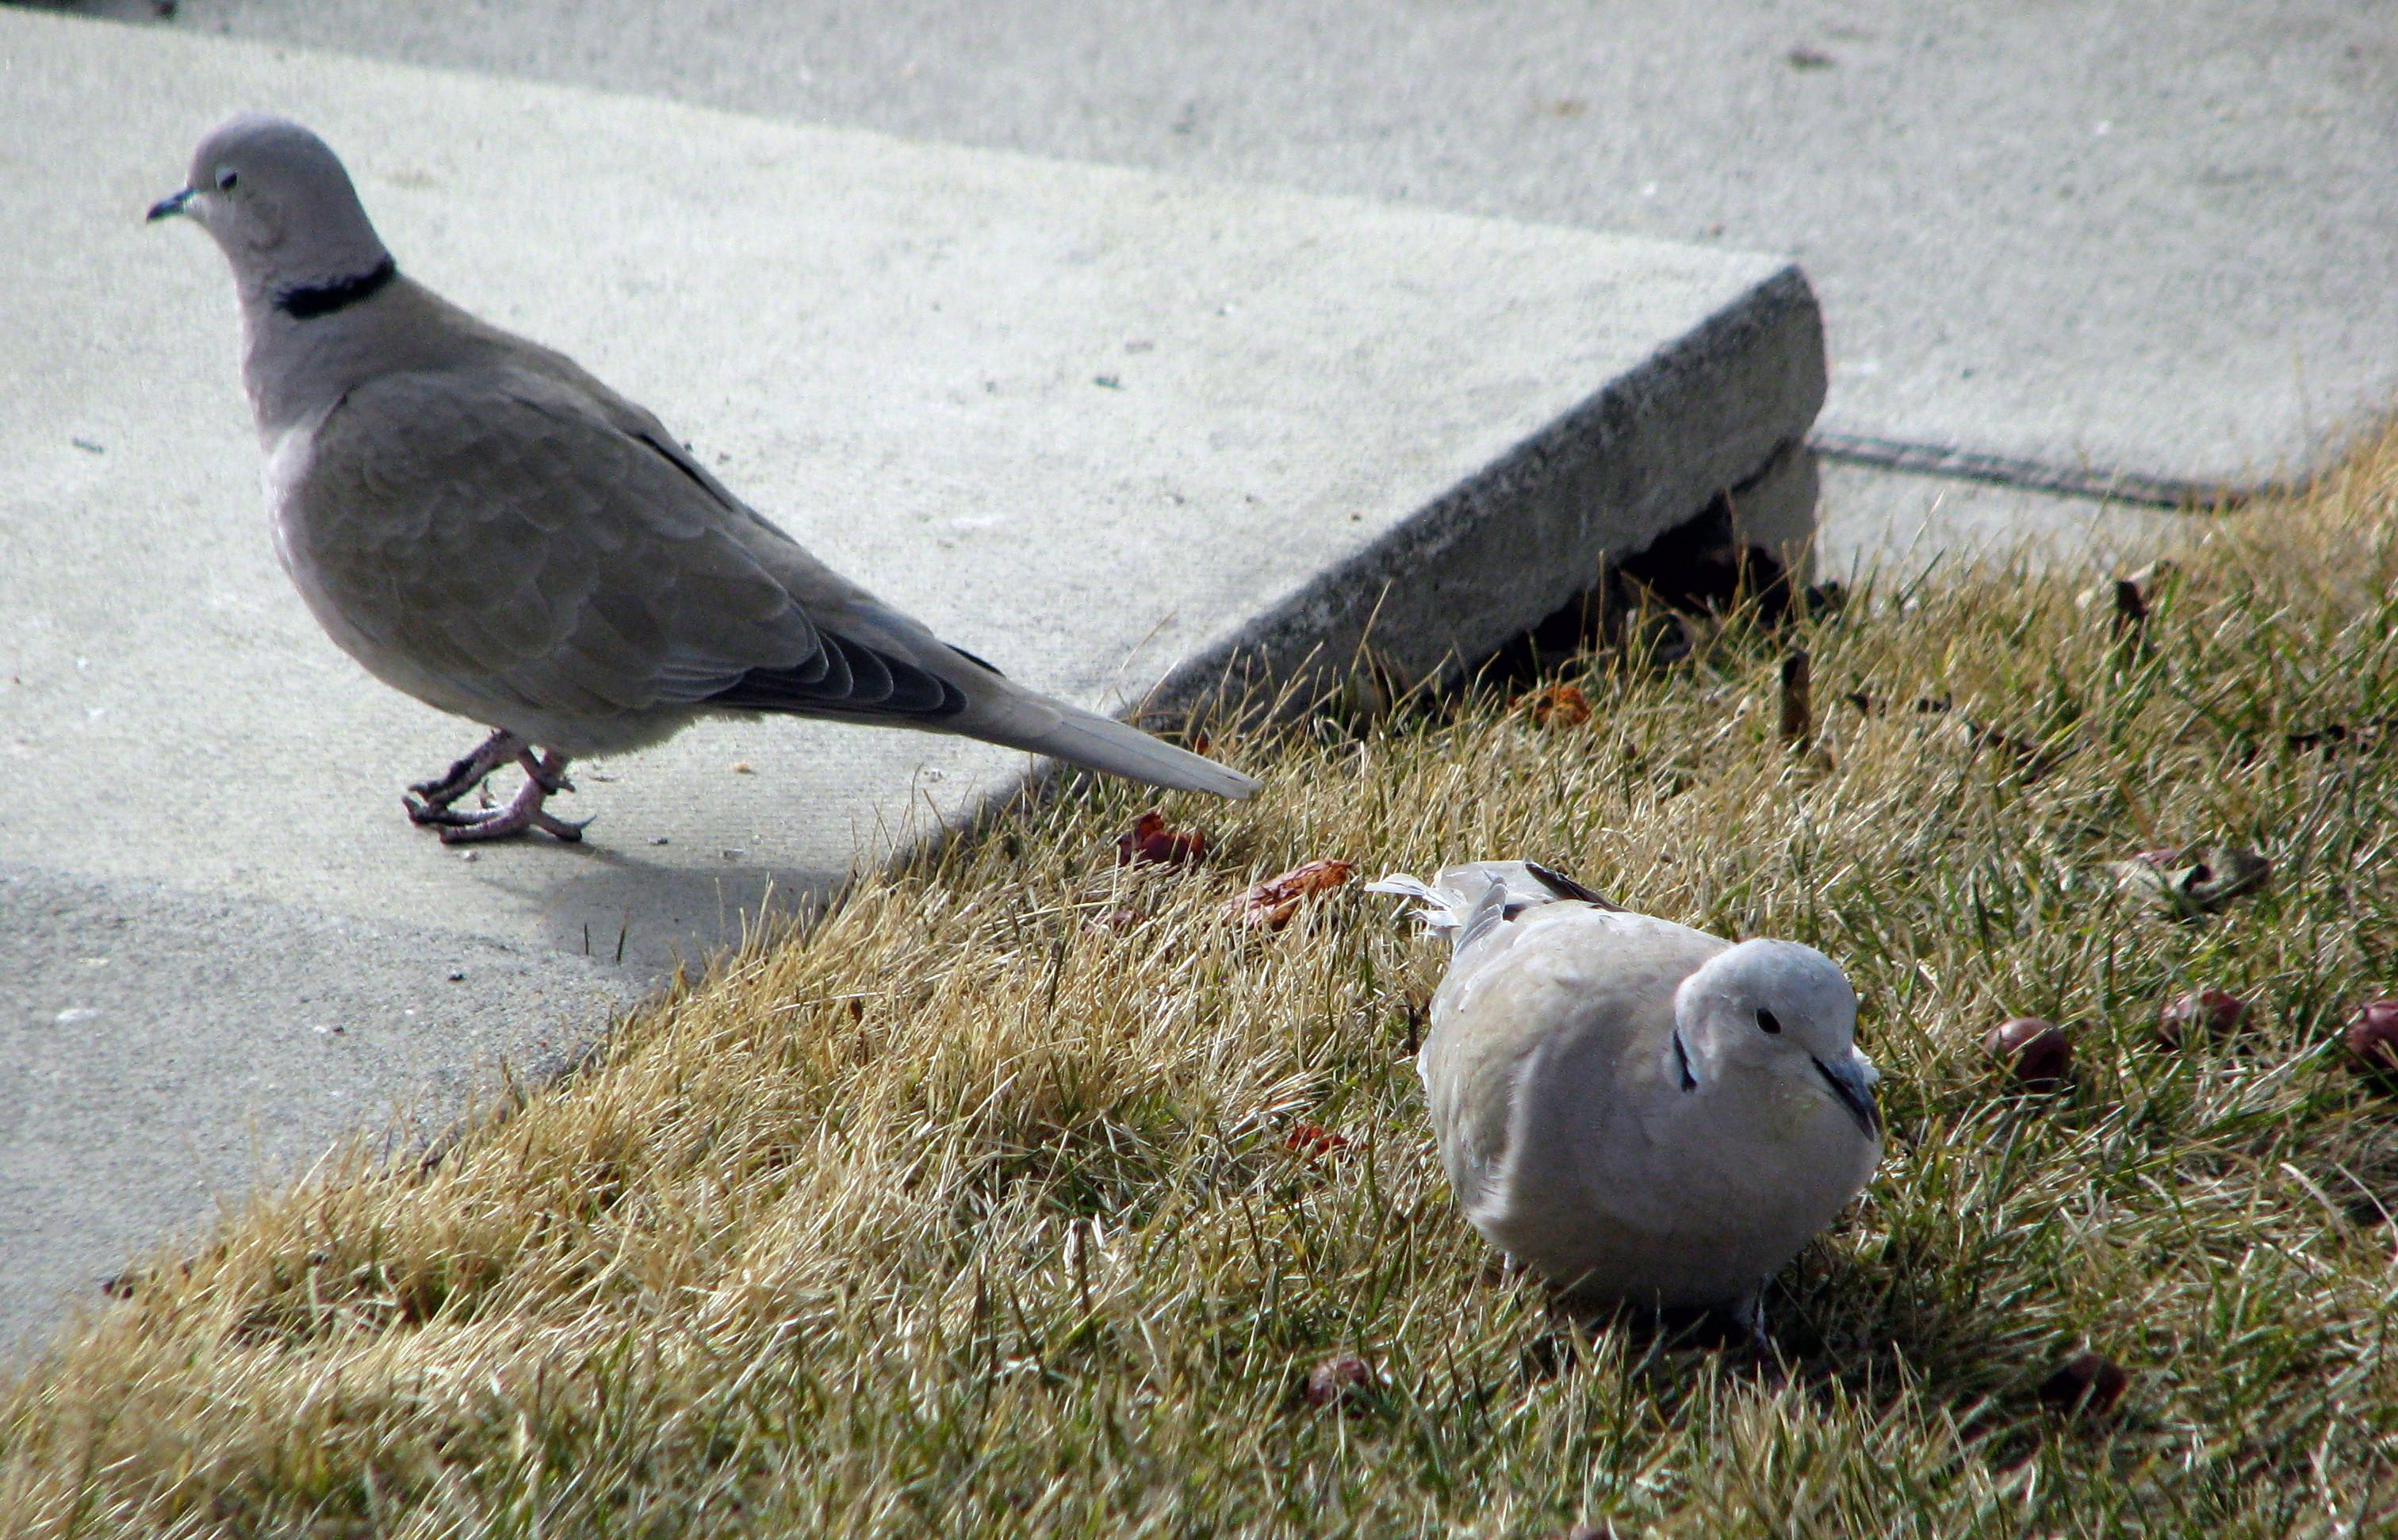 backyard birds eurasian collared dove birds calgary